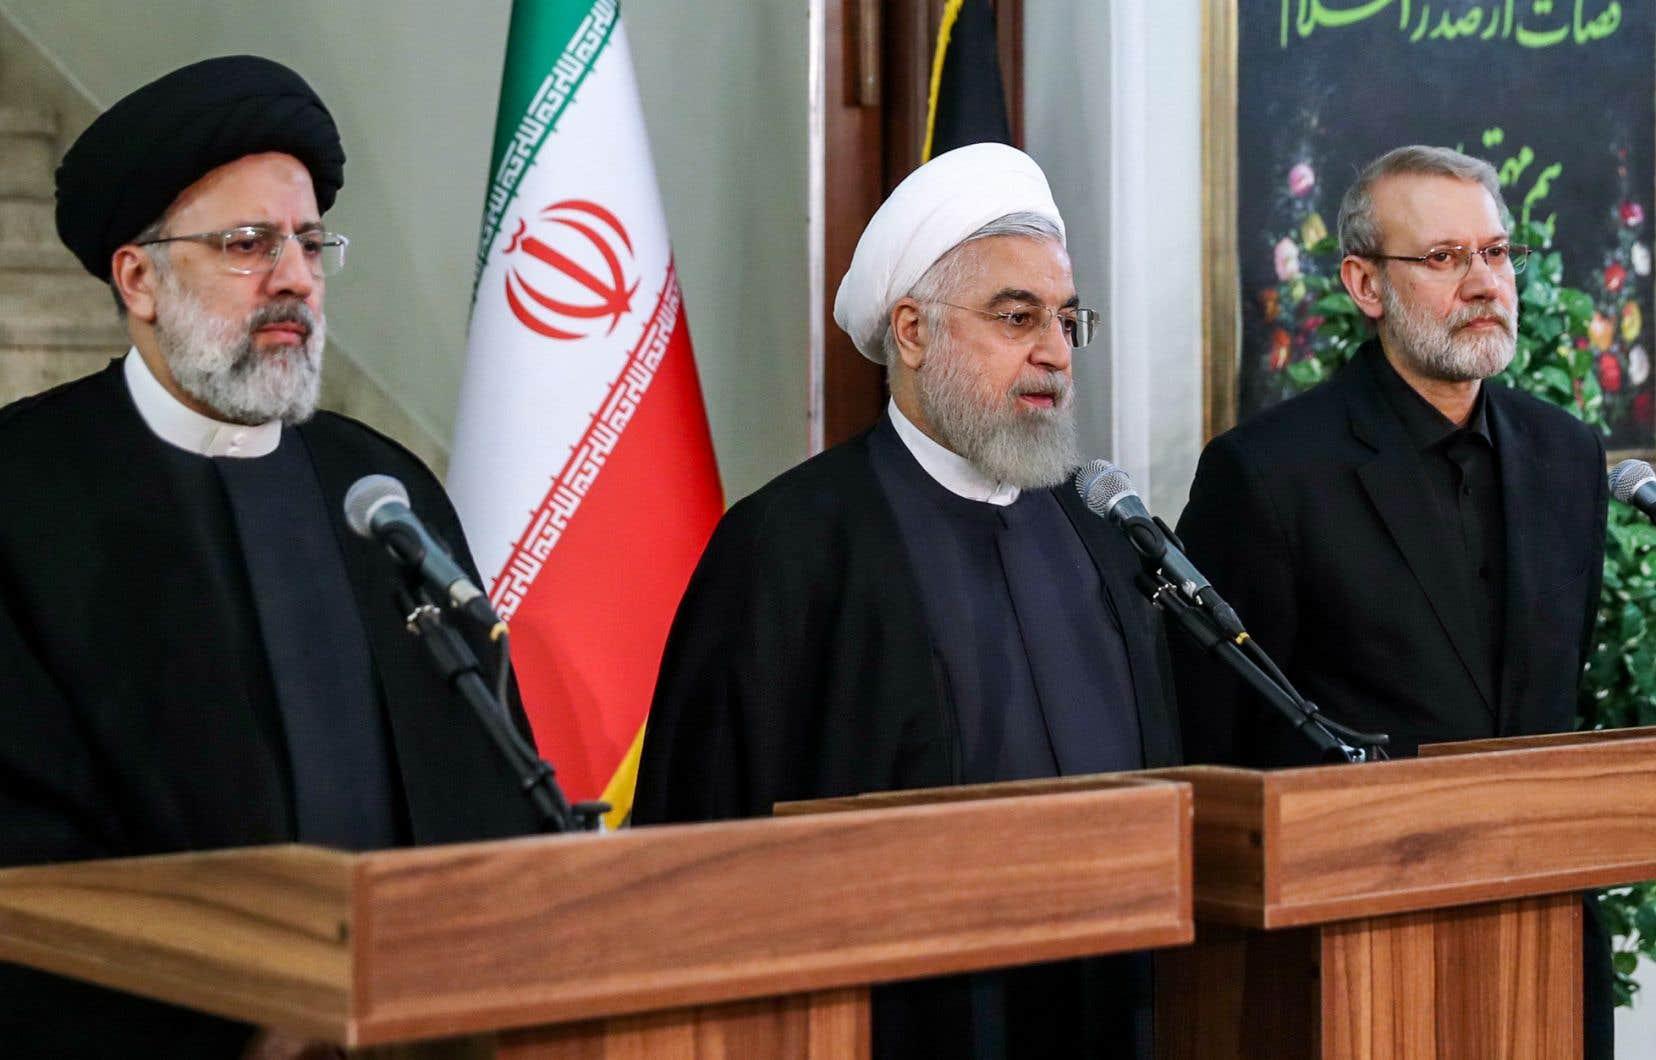 Le président iranien Hassan Rohani (au centre) souhaite doter le pays de tout ce dont il a «besoin pour l'enrichissement» de l'uranium.